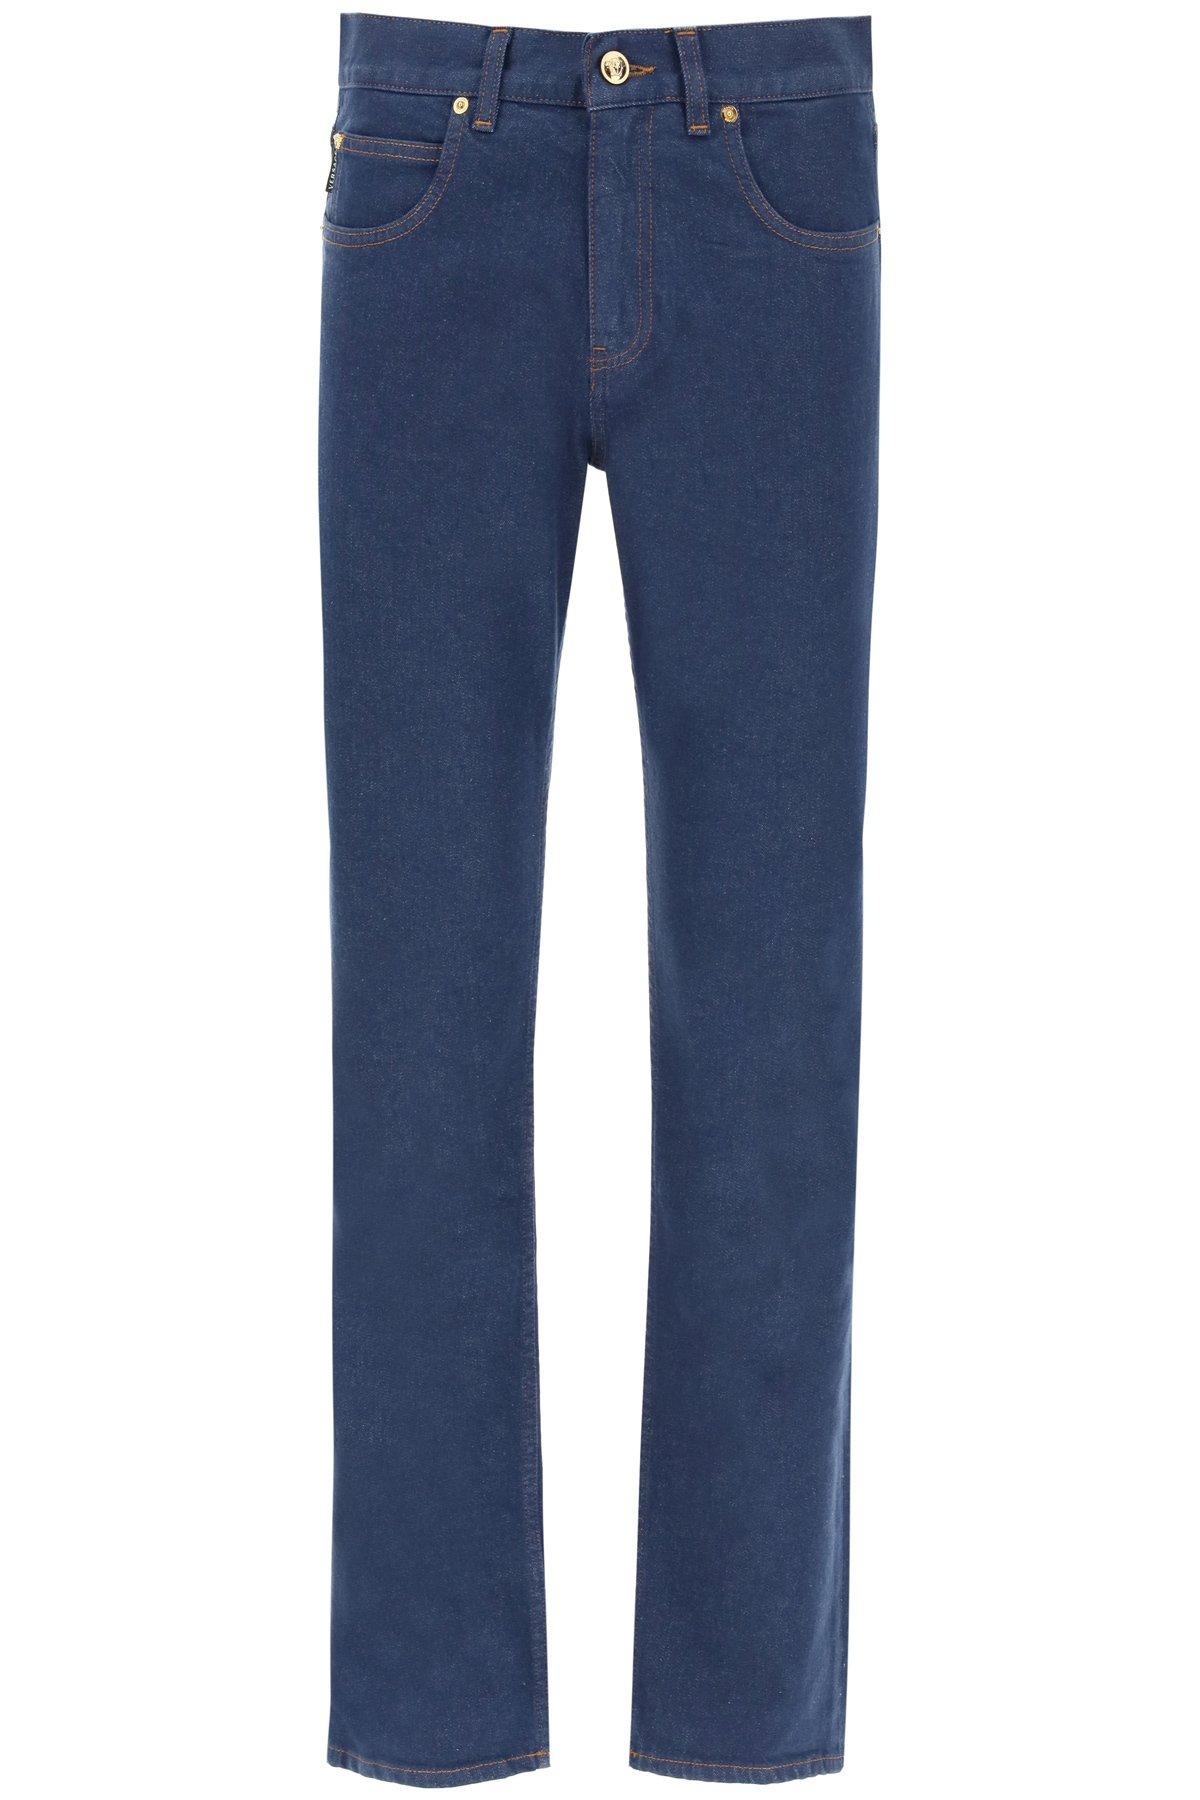 Versace jeans mitchel fit